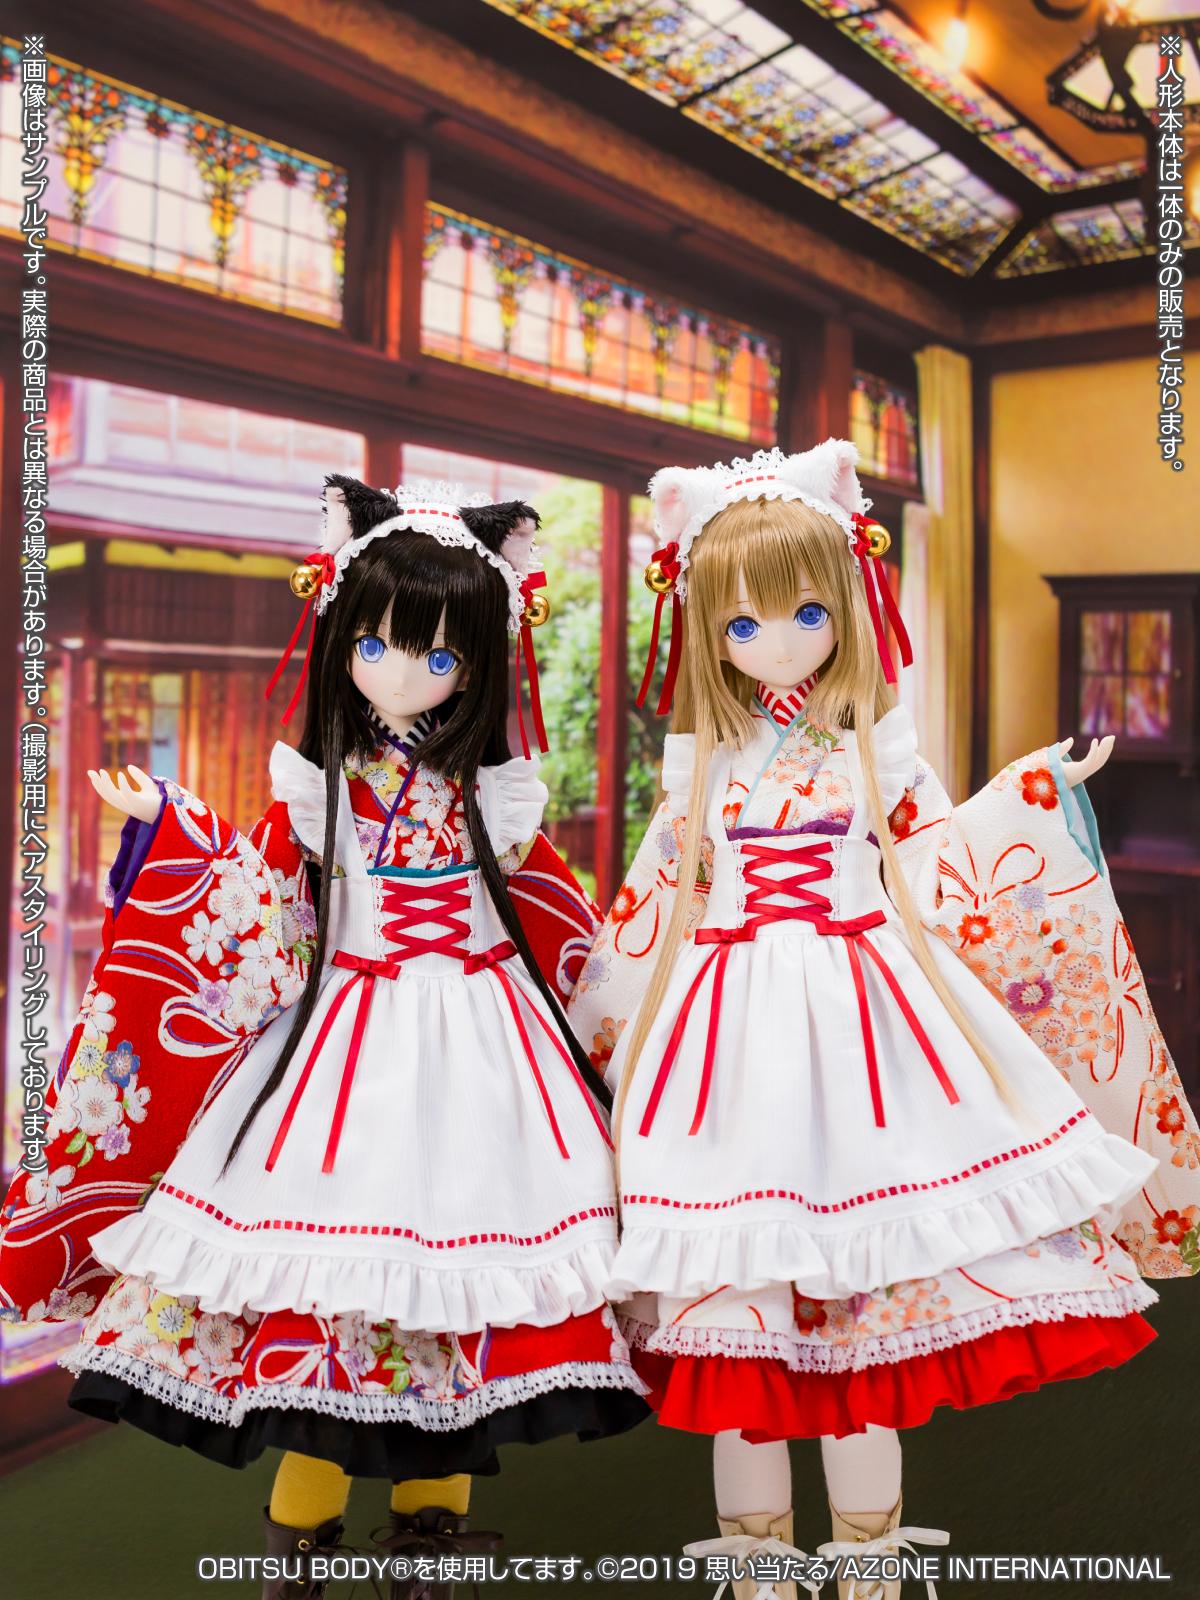 【再販】Time of eternal『Alice/Time of grace Ⅳ~大正浪漫~黒猫ロンド』完成品ドール-006